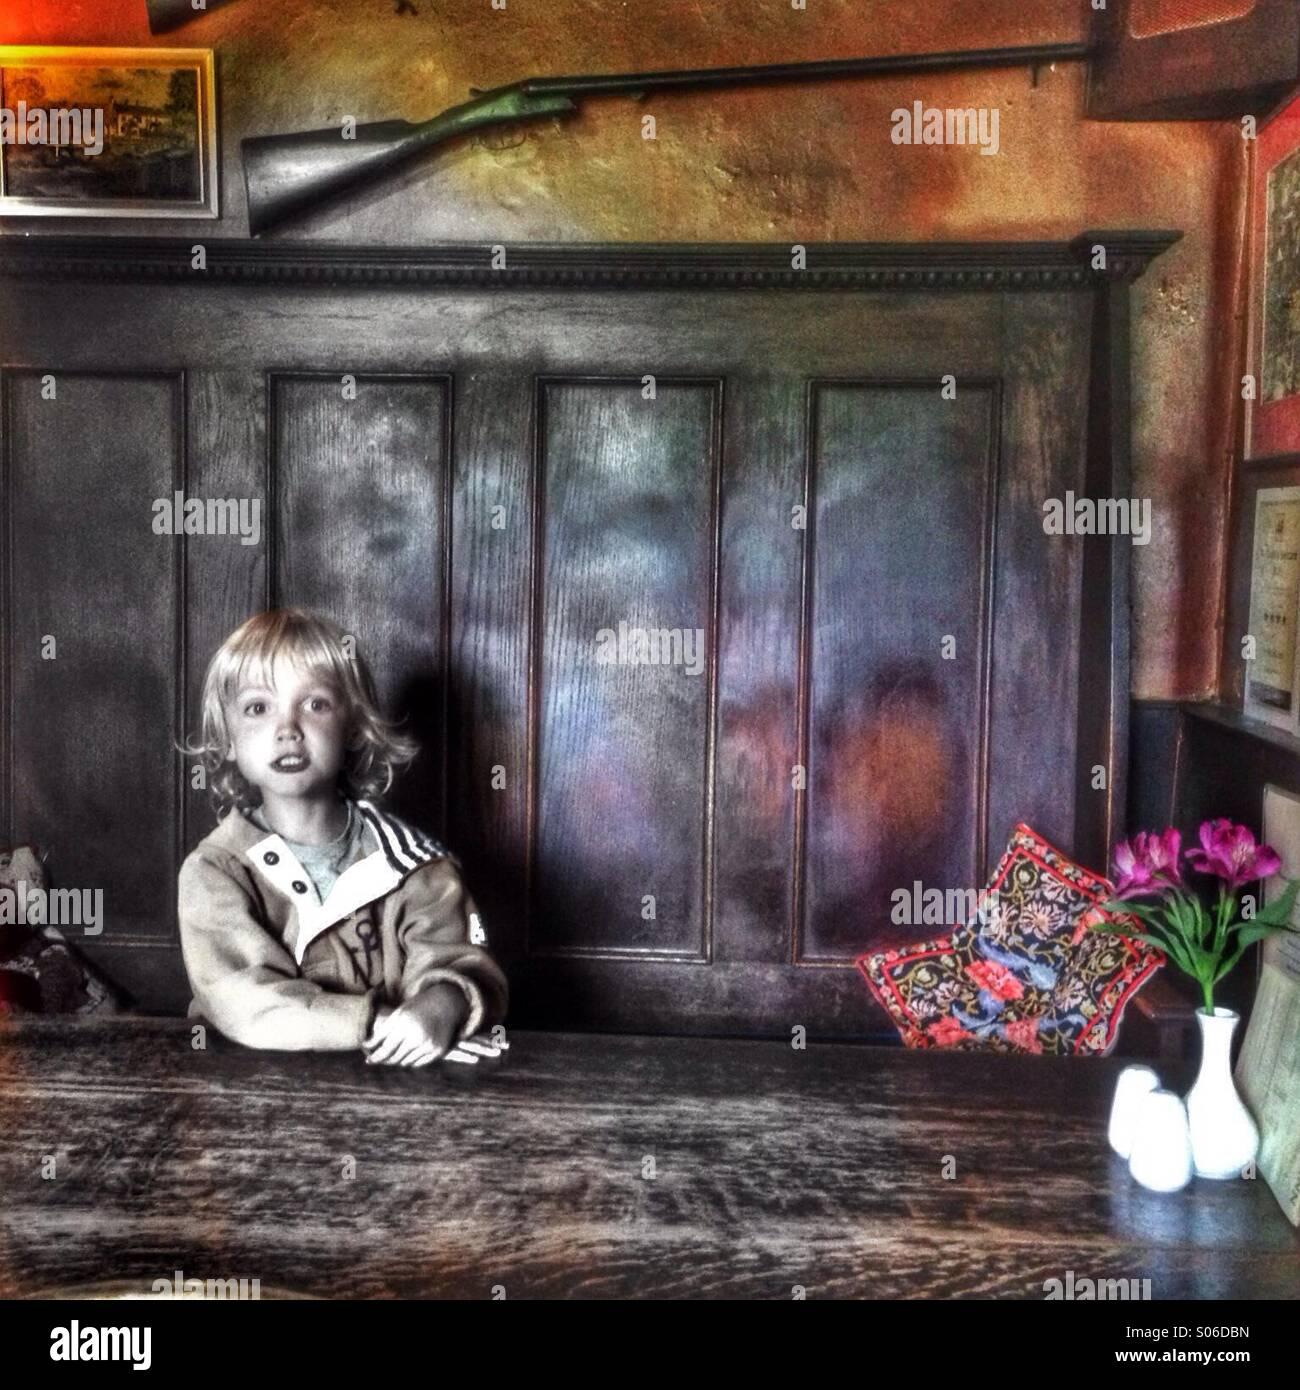 Sentado en una mesa Imagen De Stock